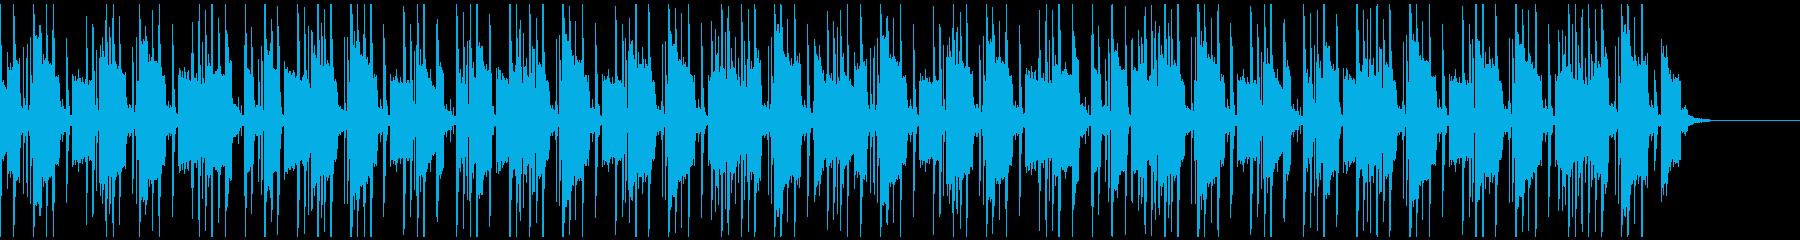 80sマイケル、ゴーストバスターズ風楽曲の再生済みの波形